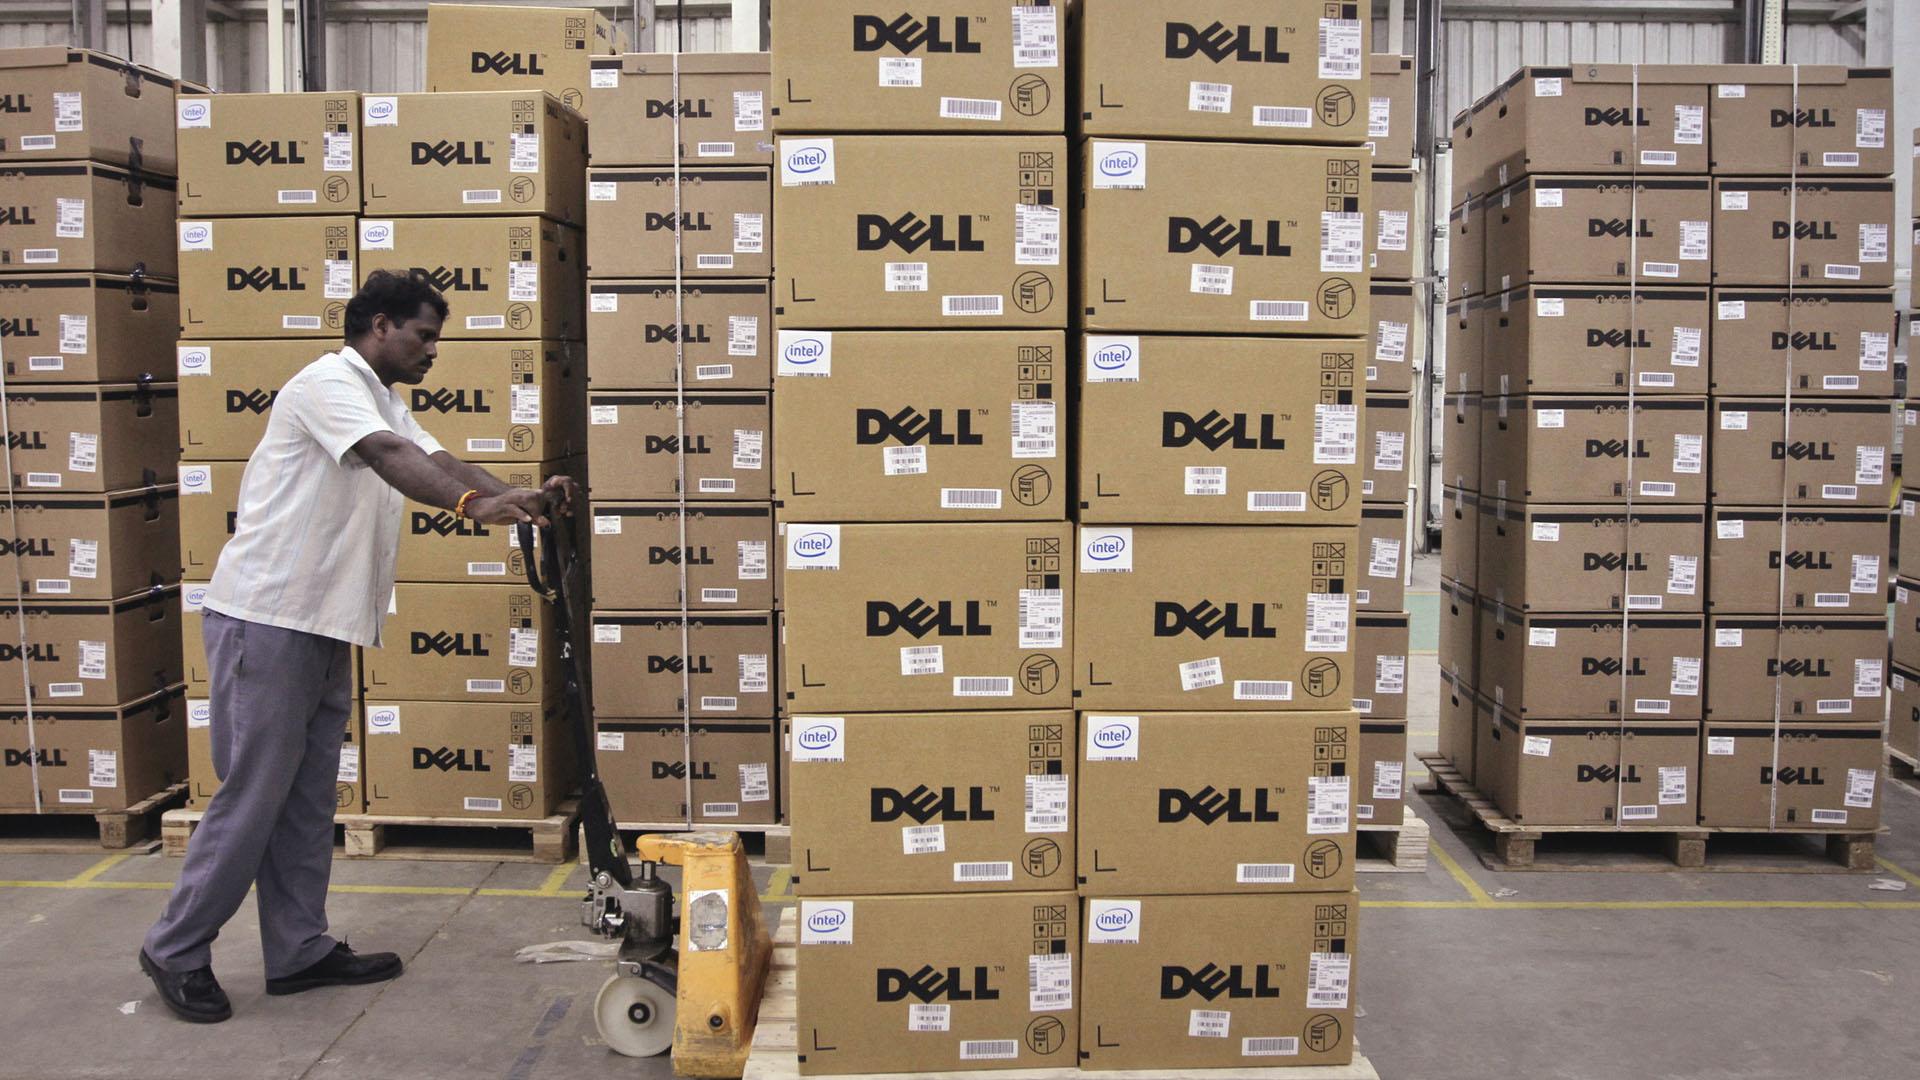 Imagem de galpão da Dell